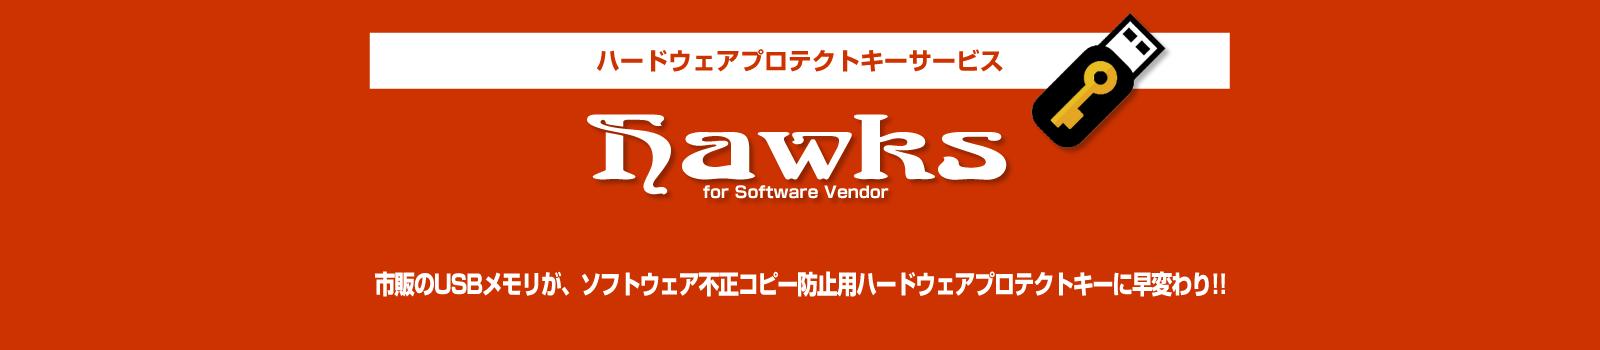 ハードウェアプロテクトキーHawks